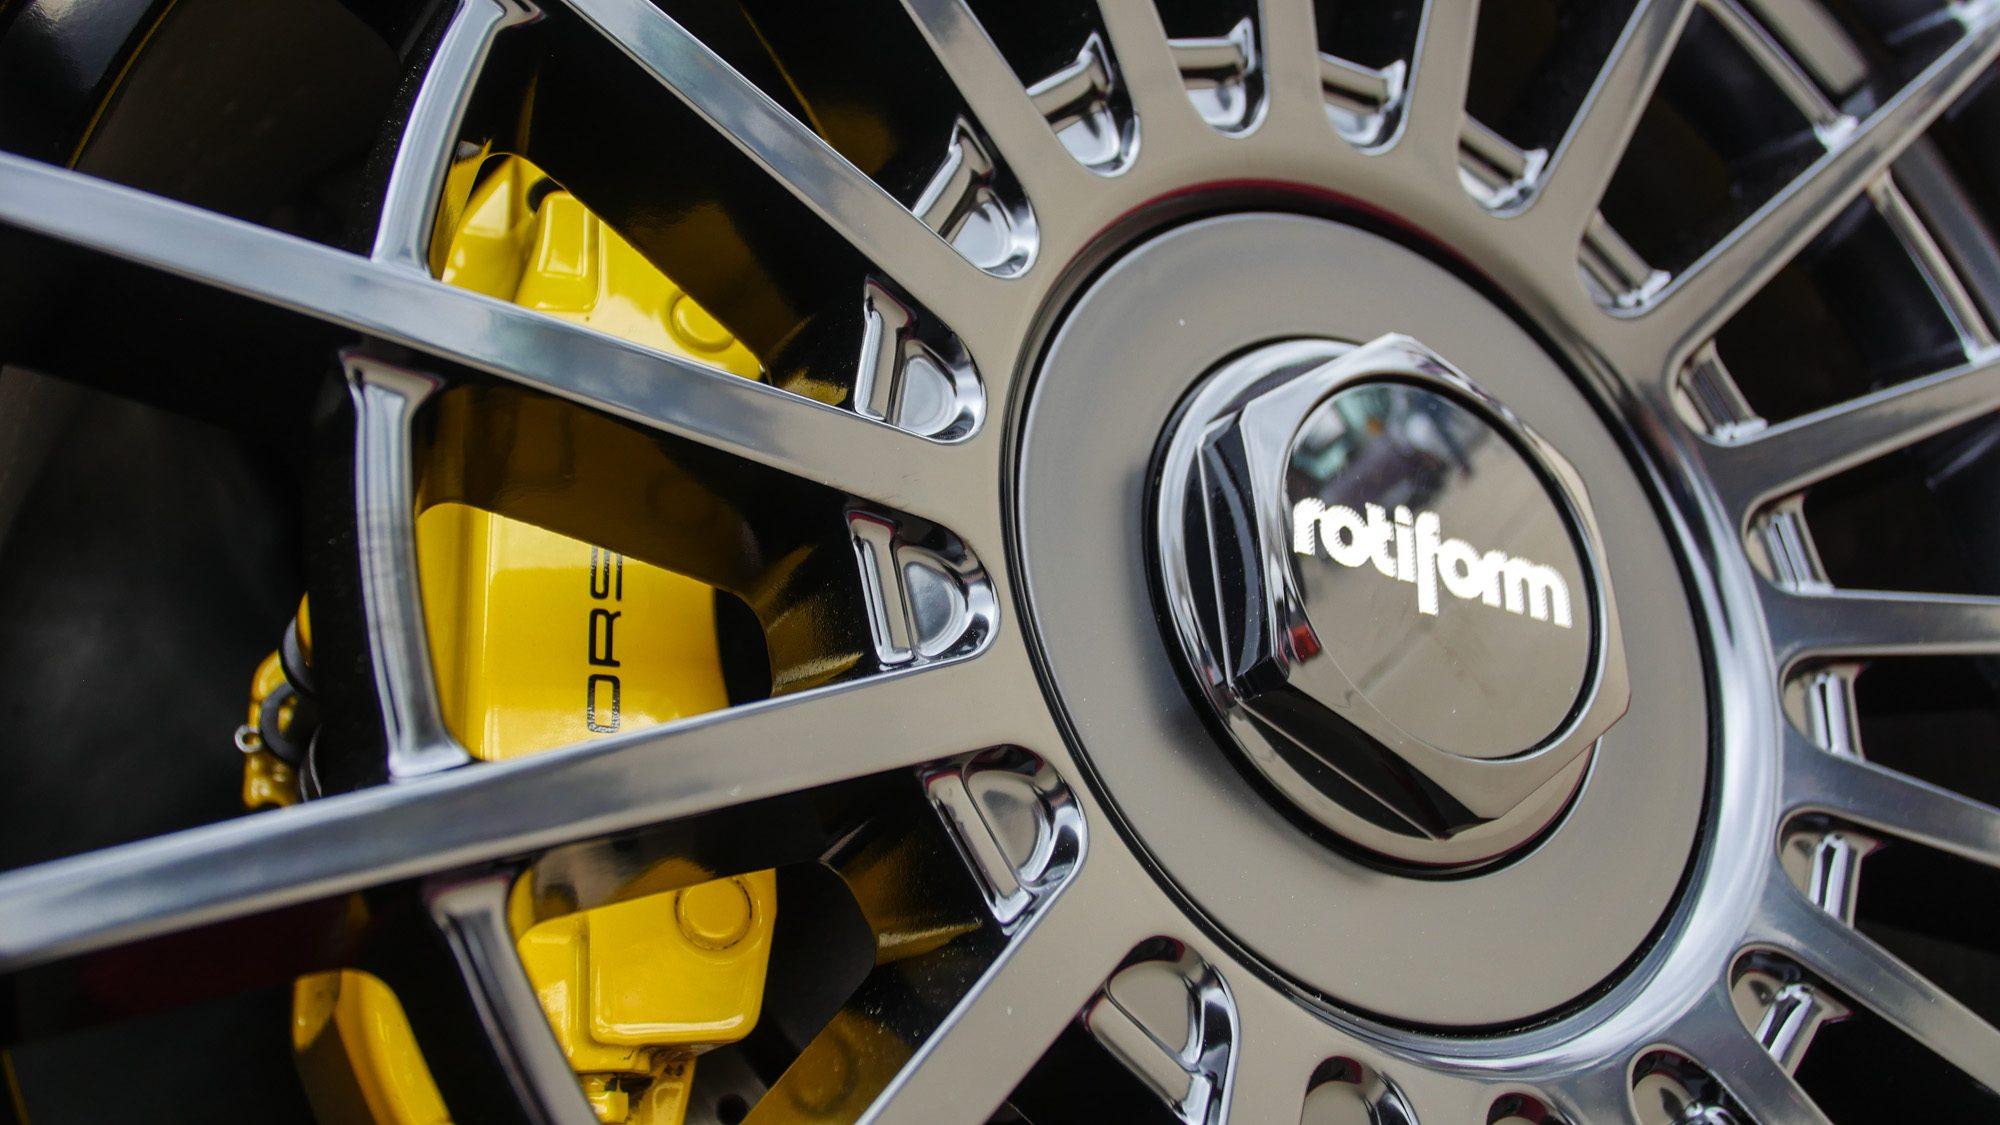 Detailansicht der Rotiform-Räder auf dem Audi RS4